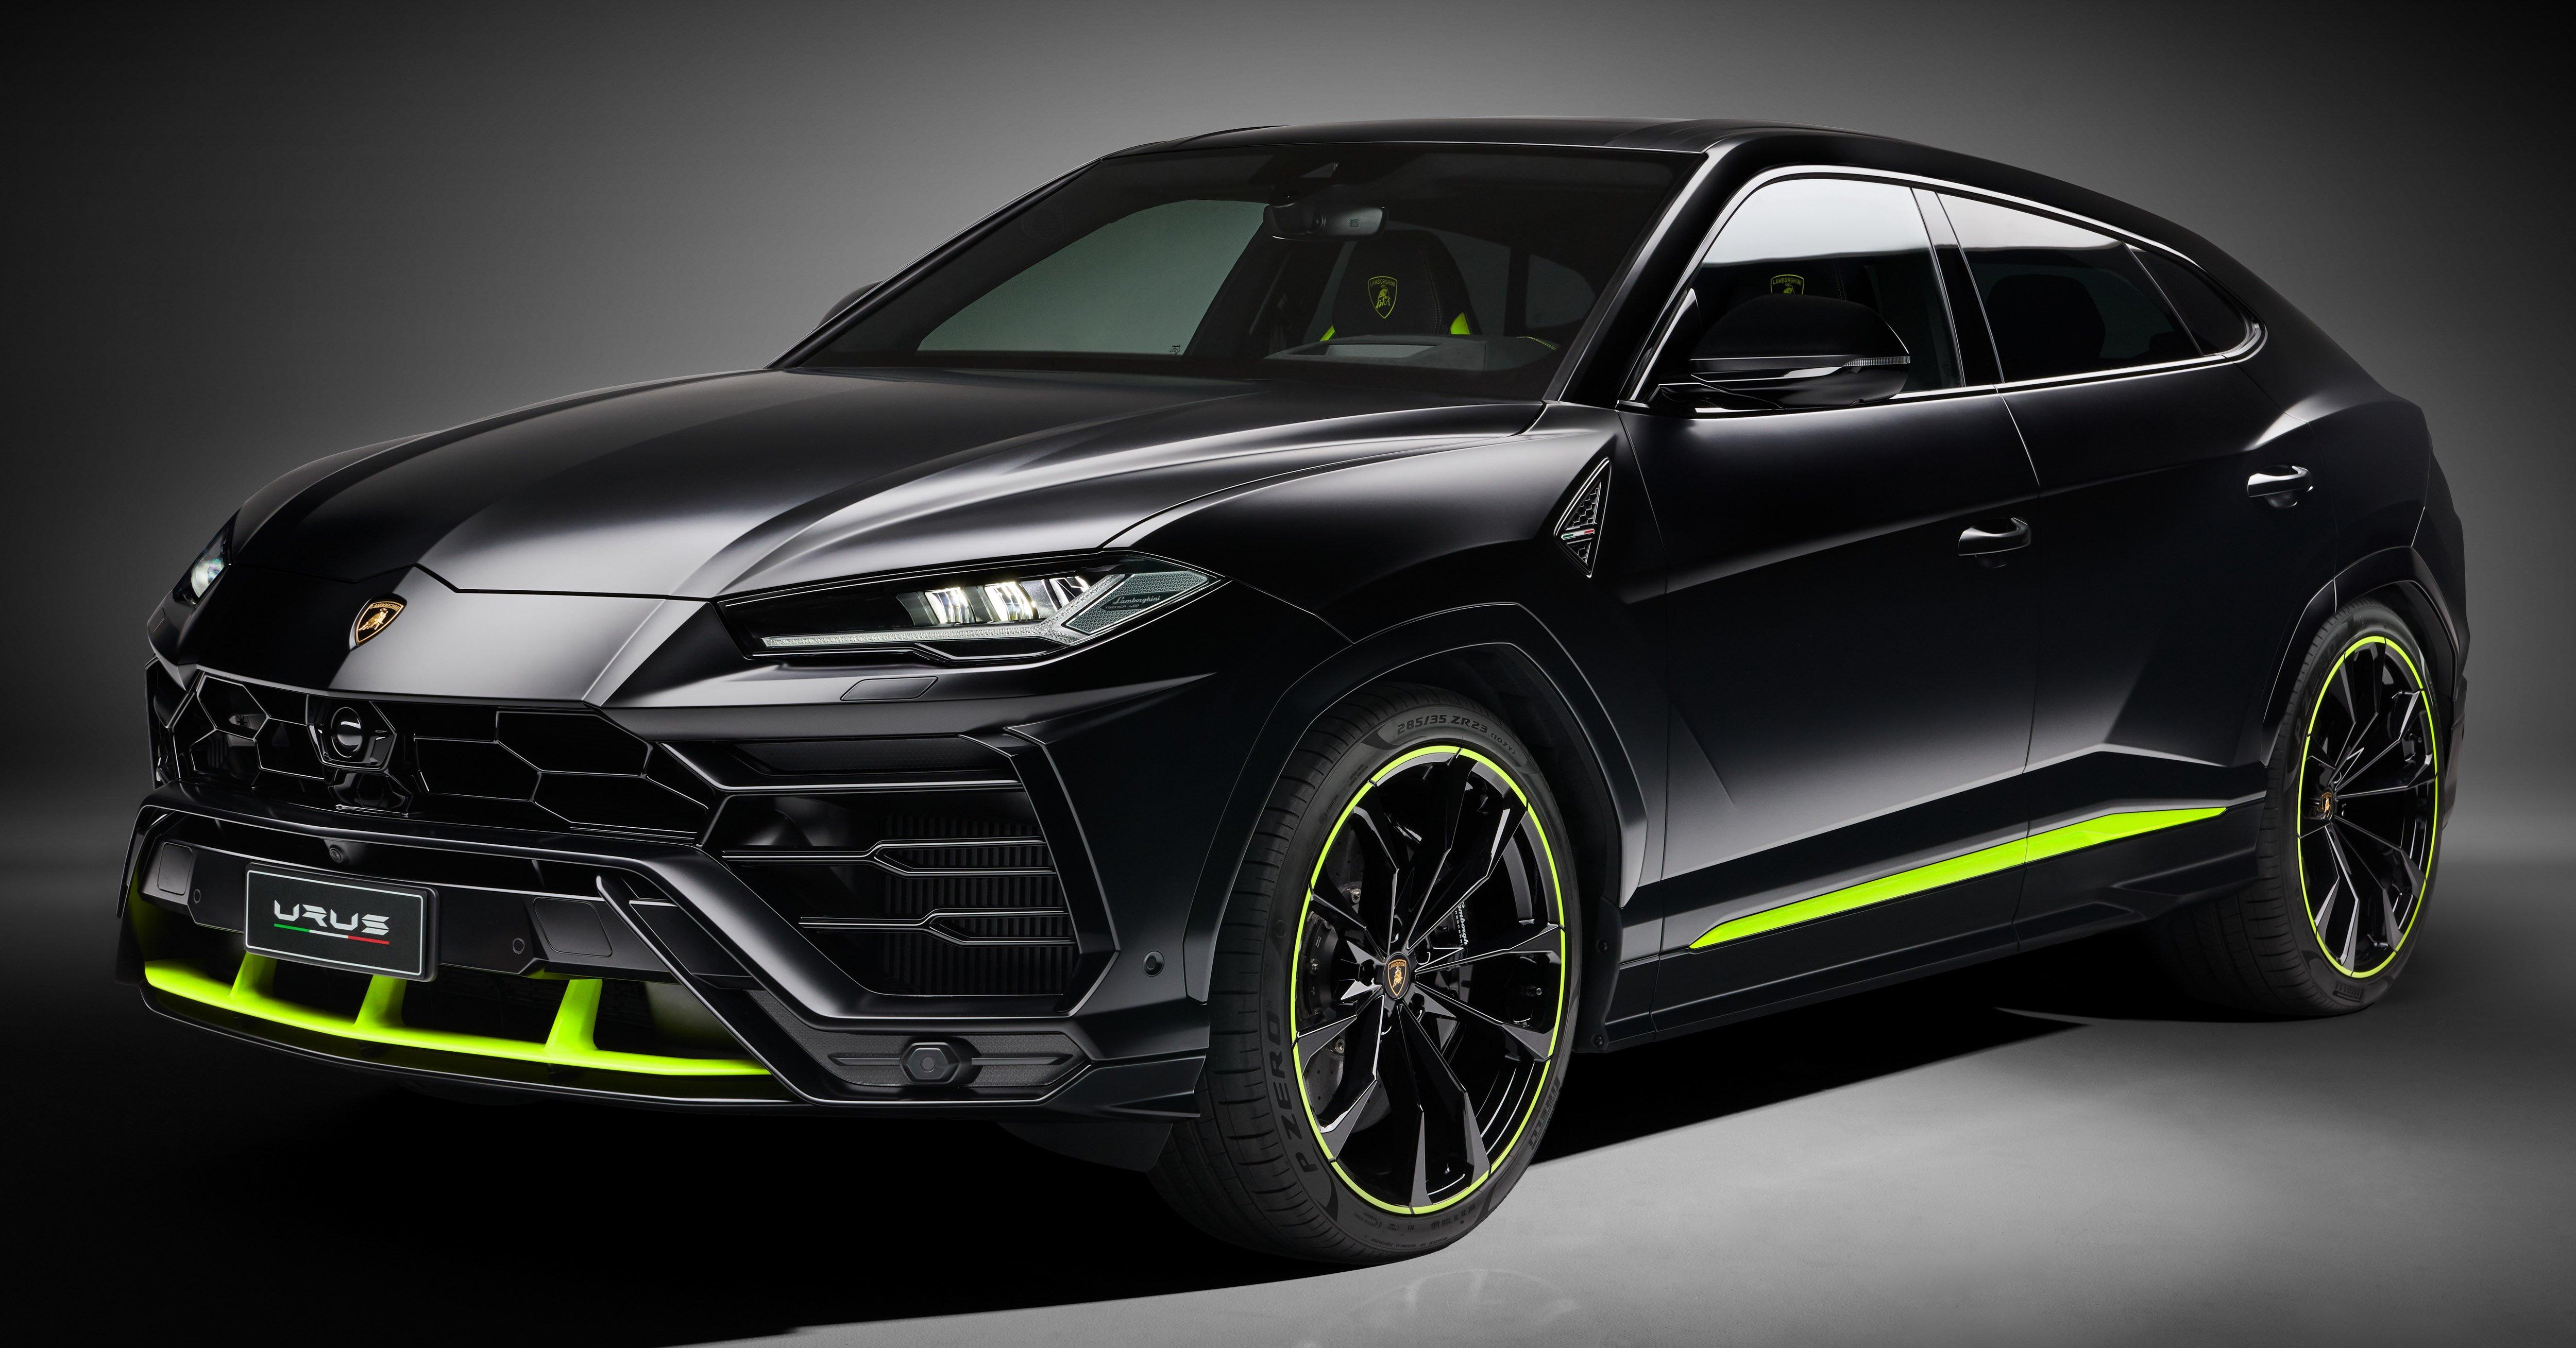 2021 Lamborghini Urus Graphite Capsule Revealed Paultan Org